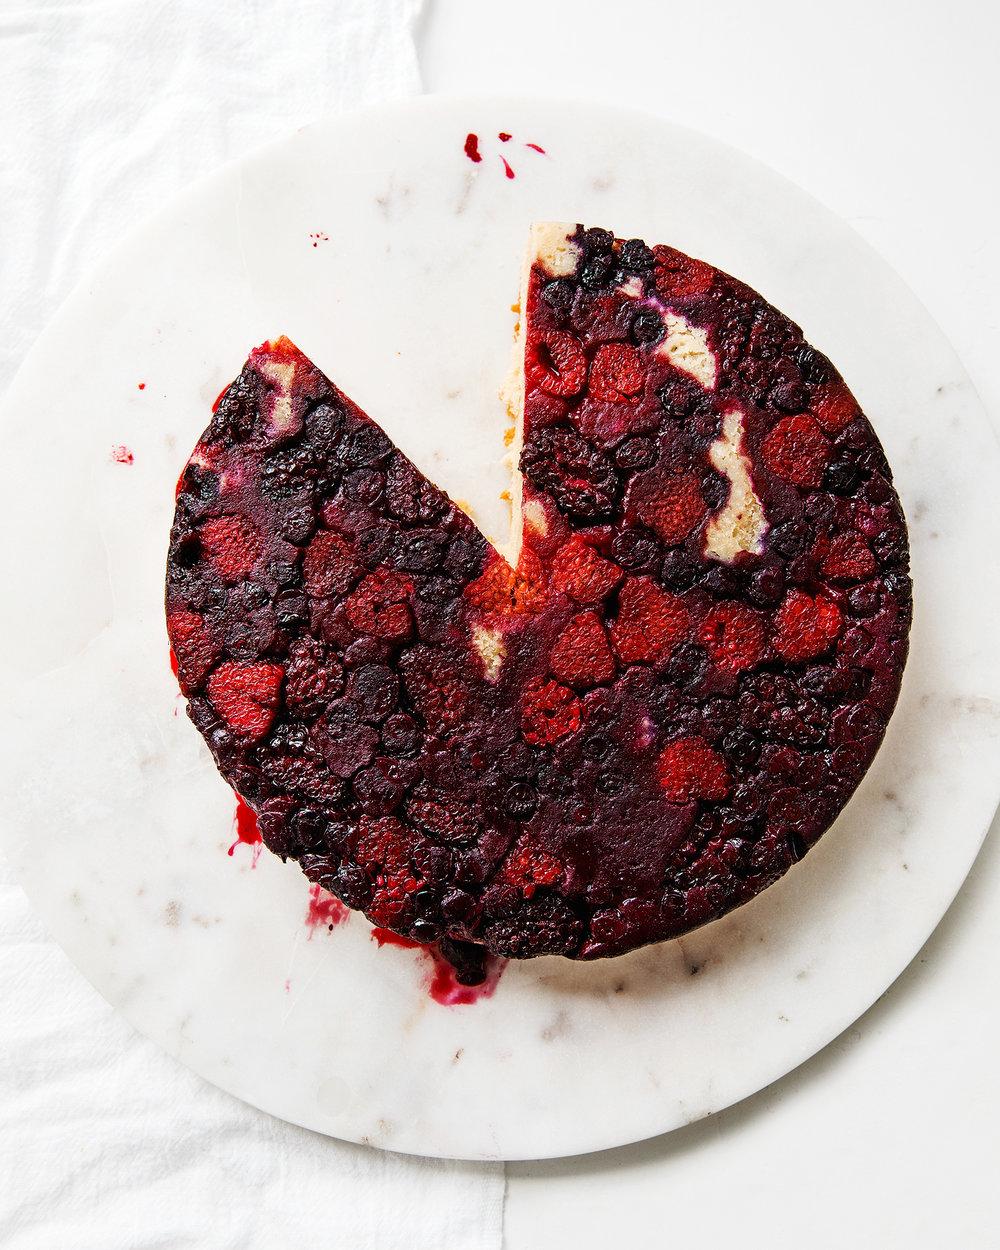 Sour-Cream-Berry-Cake0078.jpg